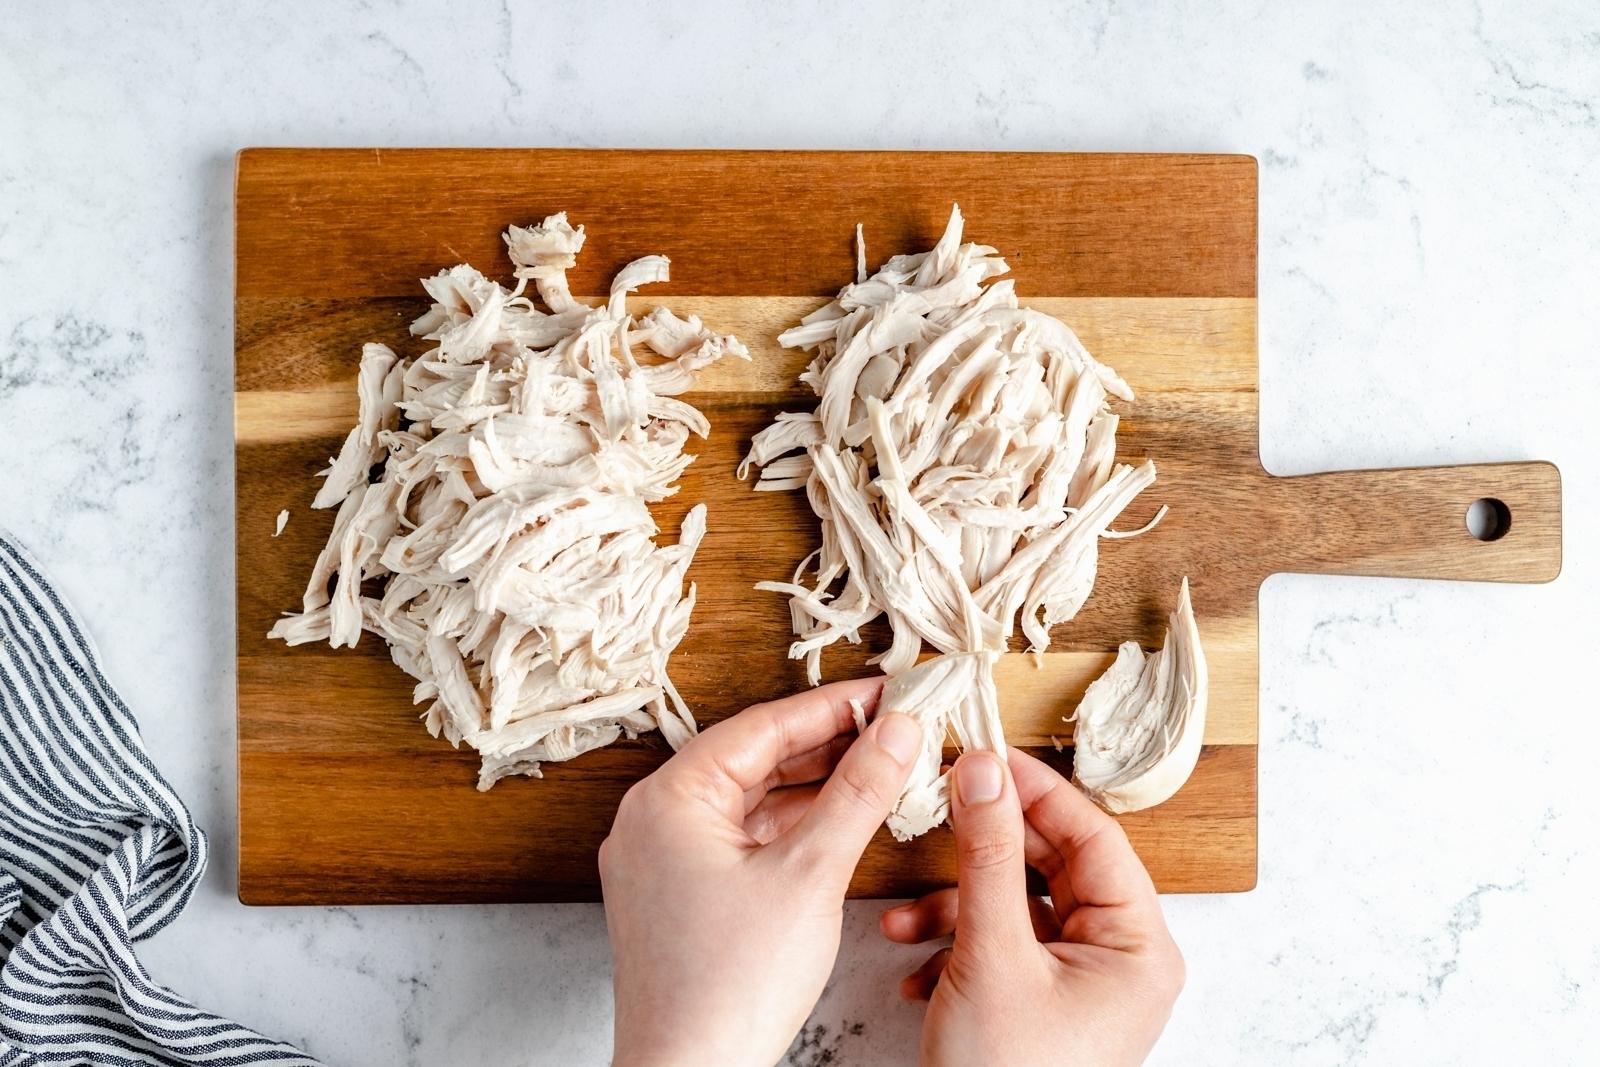 hands shredding a chicken breast on a cutting board